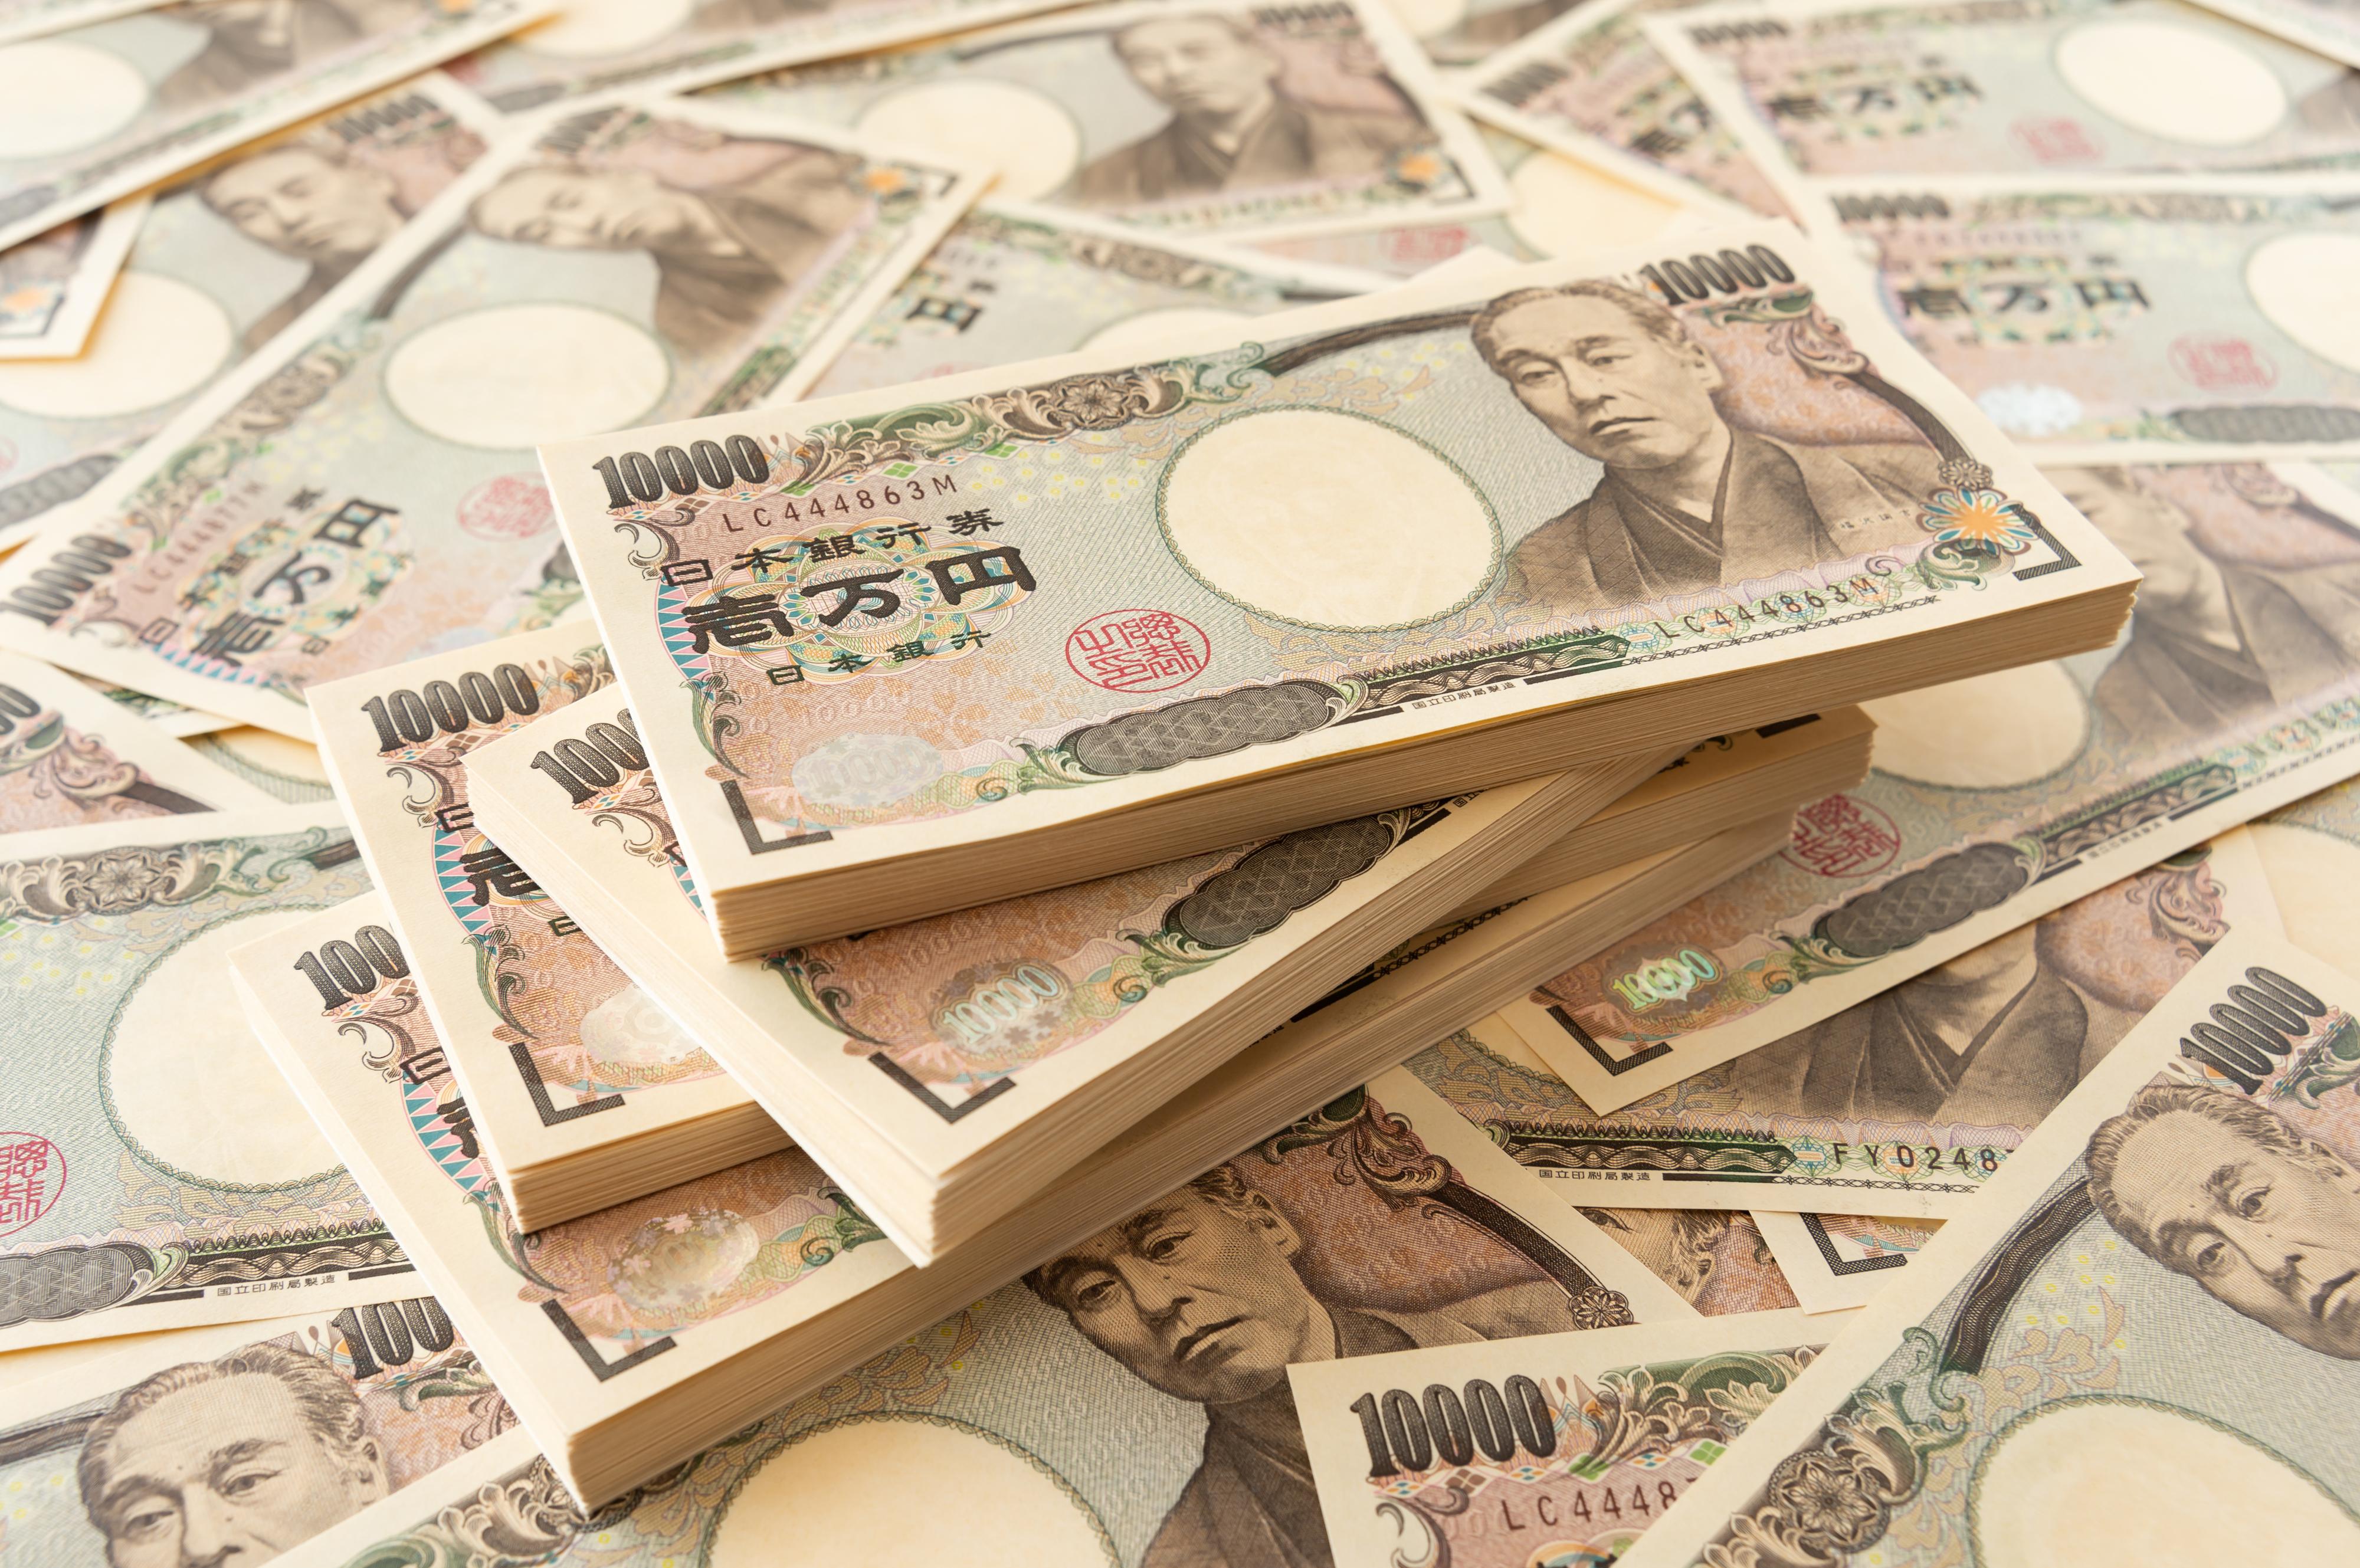 束になっているたくさんの紙幣